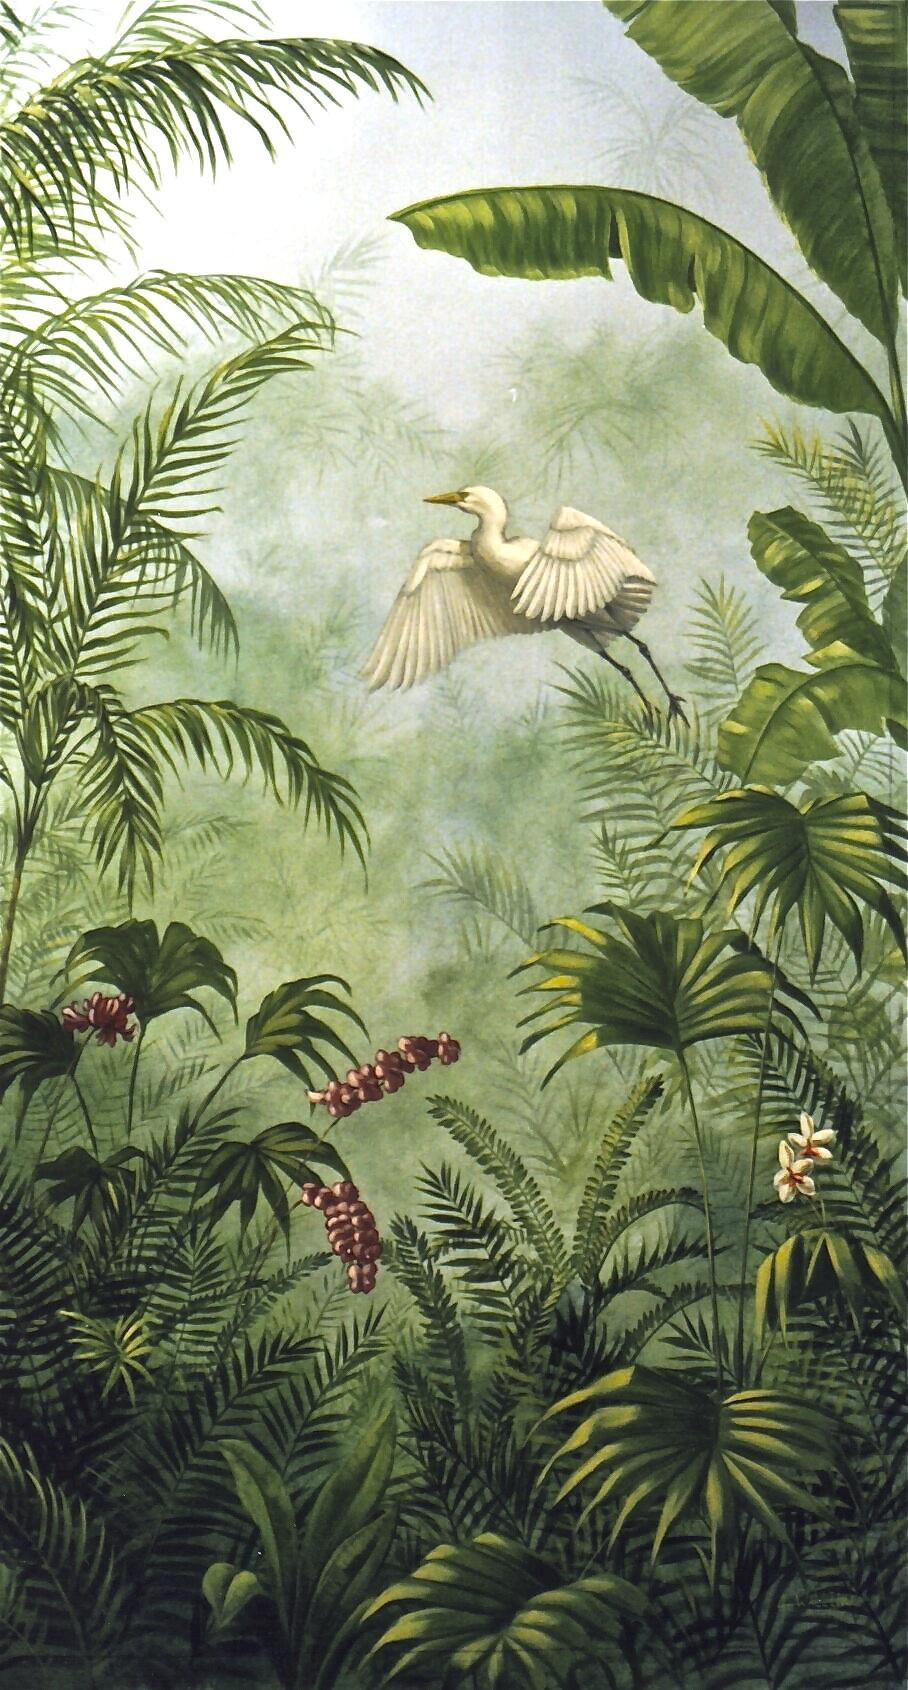 Egret, Jungle